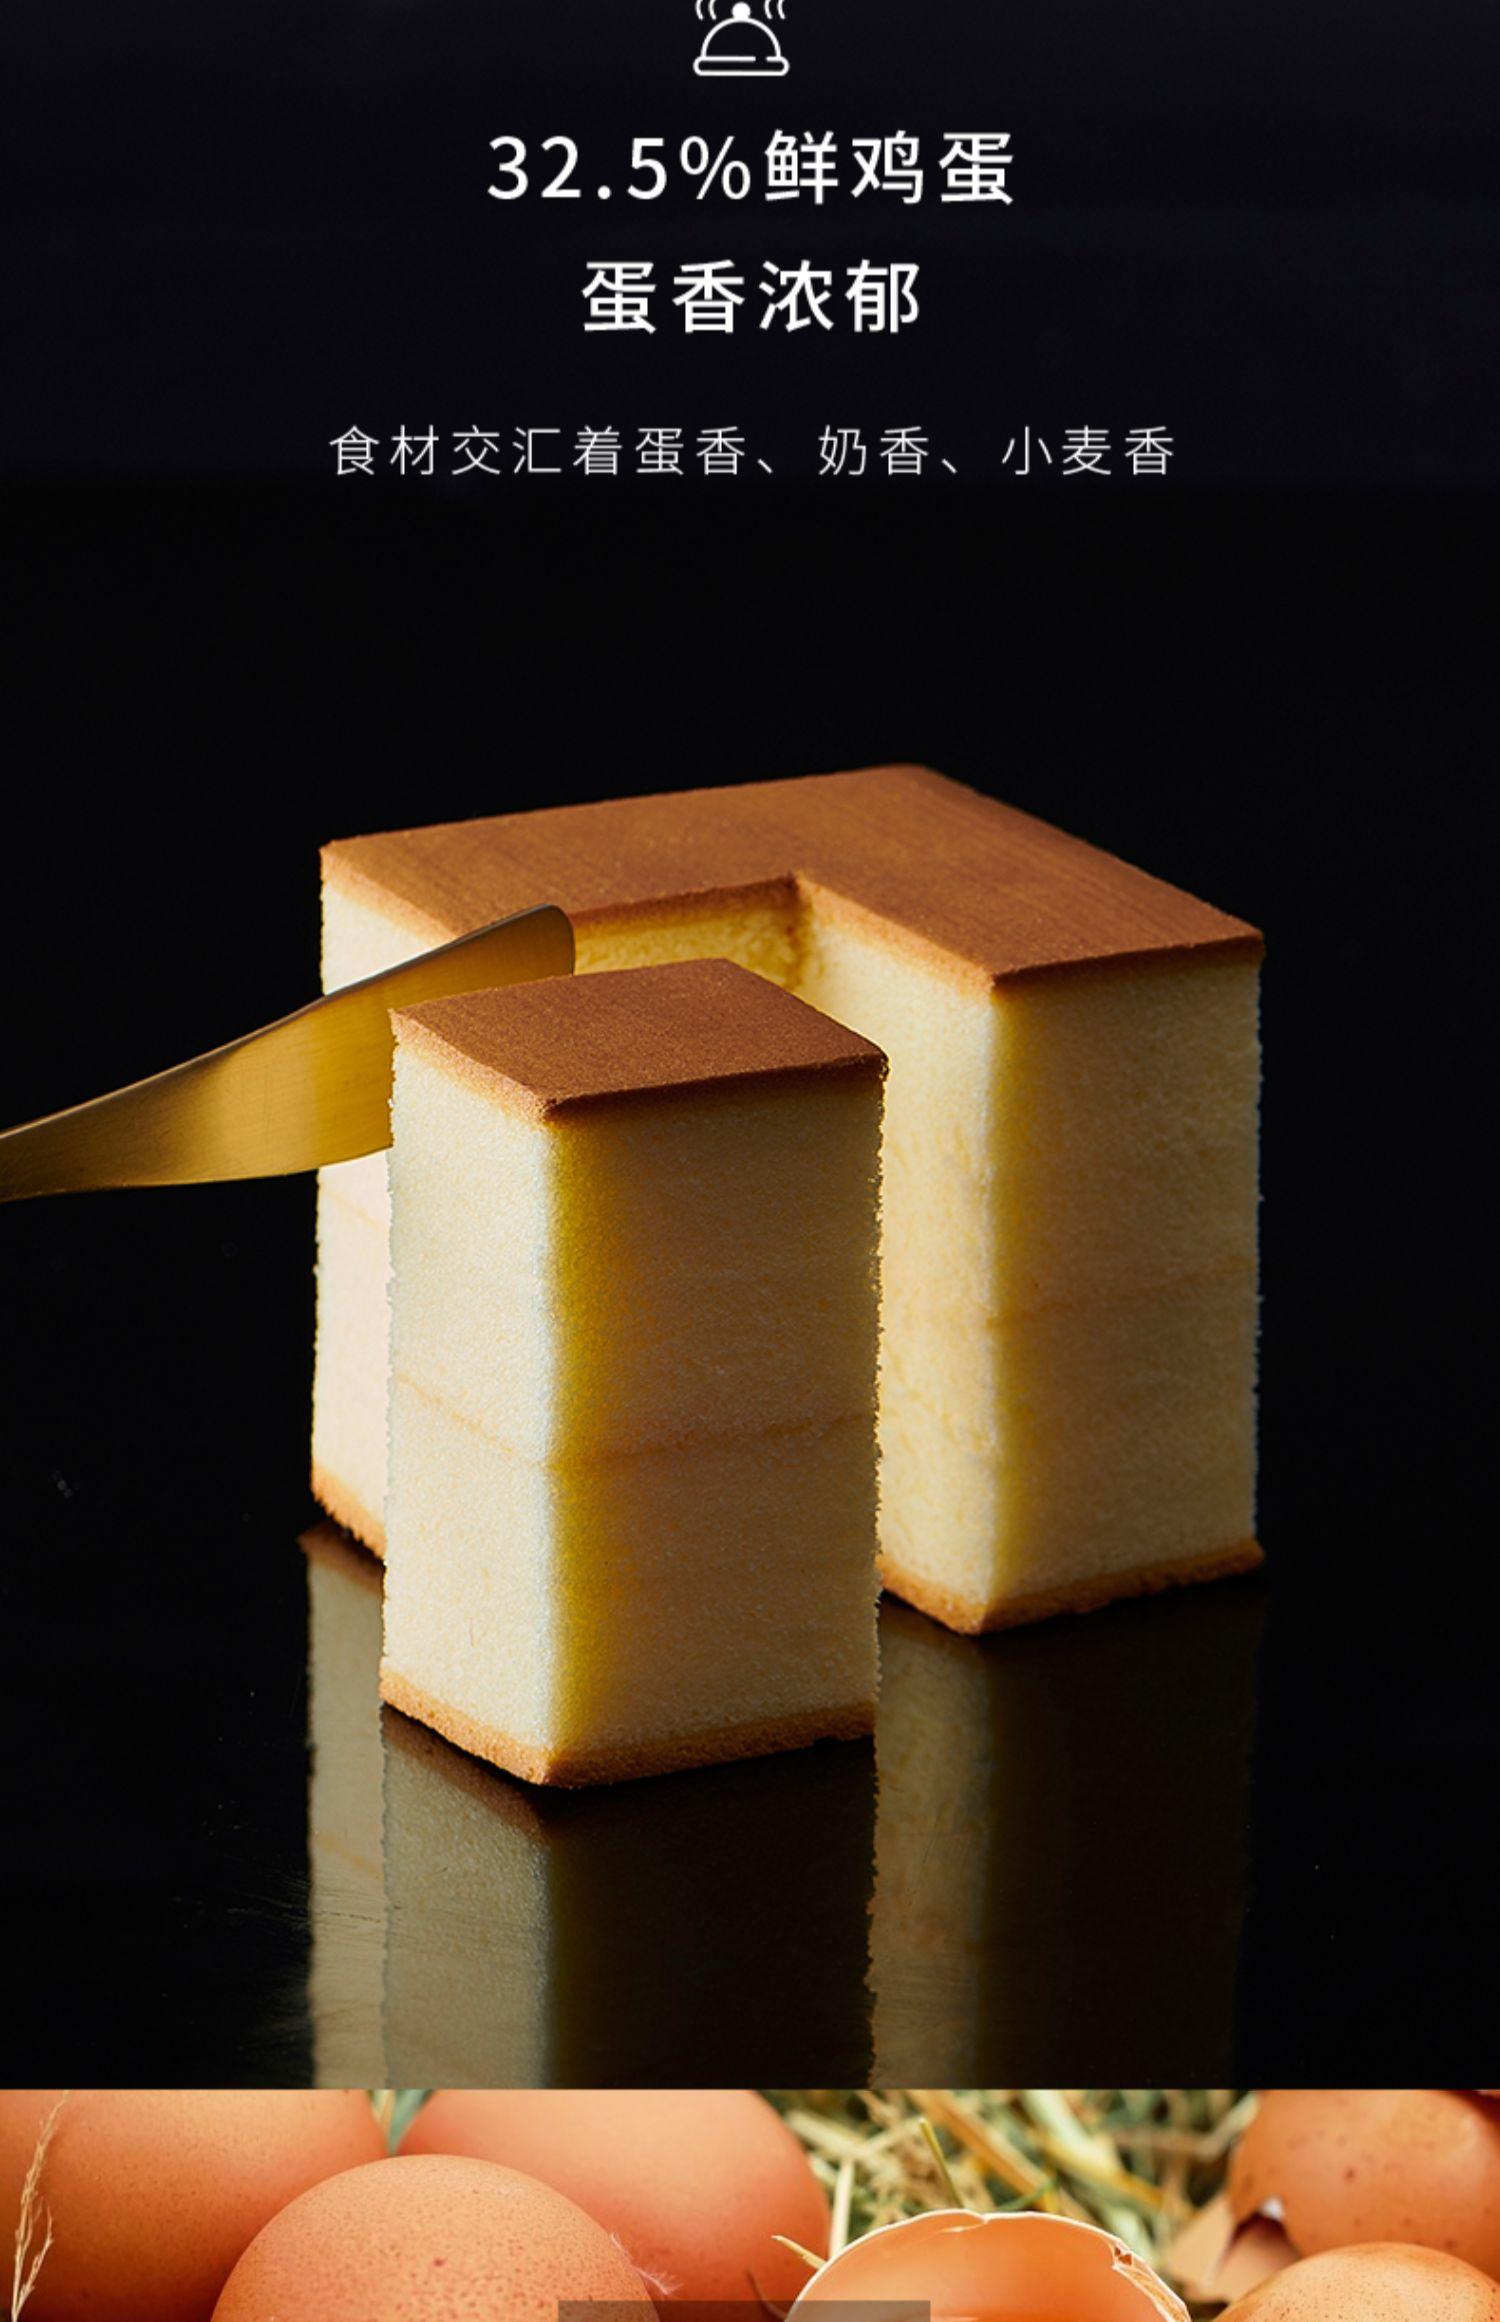 【来伊份】纯蛋糕早餐面包西式点心690g